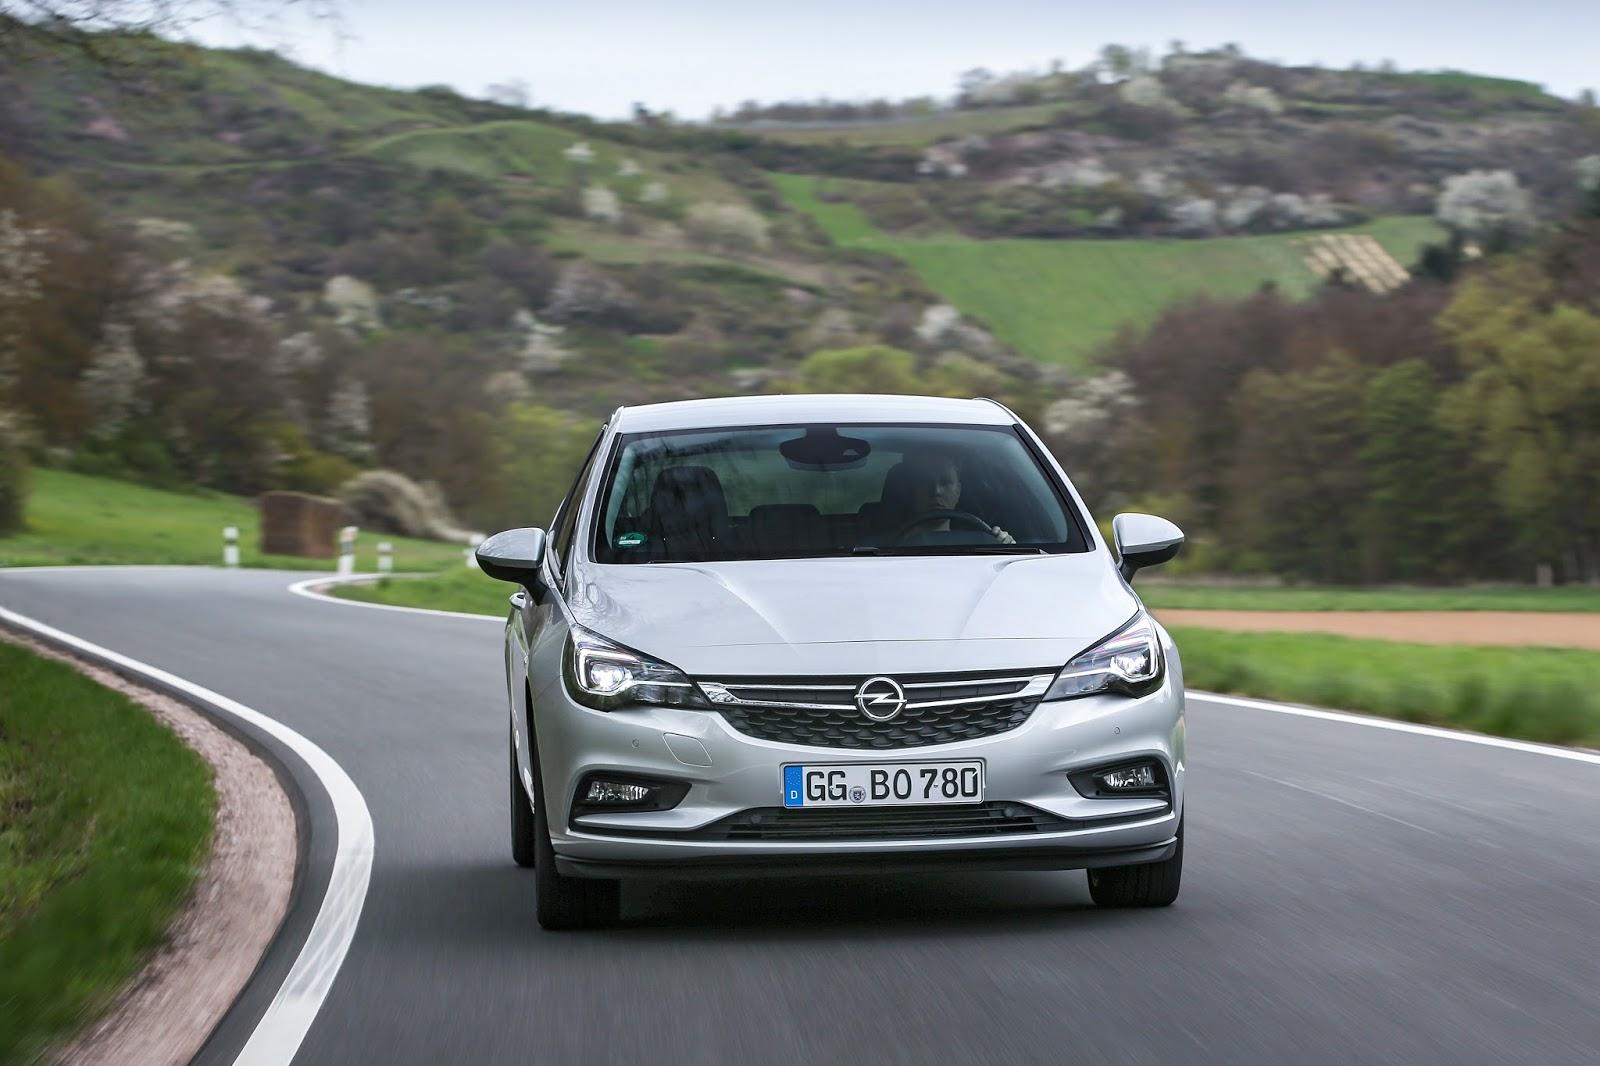 Opel Astra BiTurbo 5 door 3013212B252812529 Το καυτό Opel Astra BiTurbo diesel συνδυάζει τις επιδόσεις με την οικονομία! Hatchback, Opel, Opel Astra, Opel Astra BiTurbo, Opel Astra BiTurbo Hatchback, twin-turbo